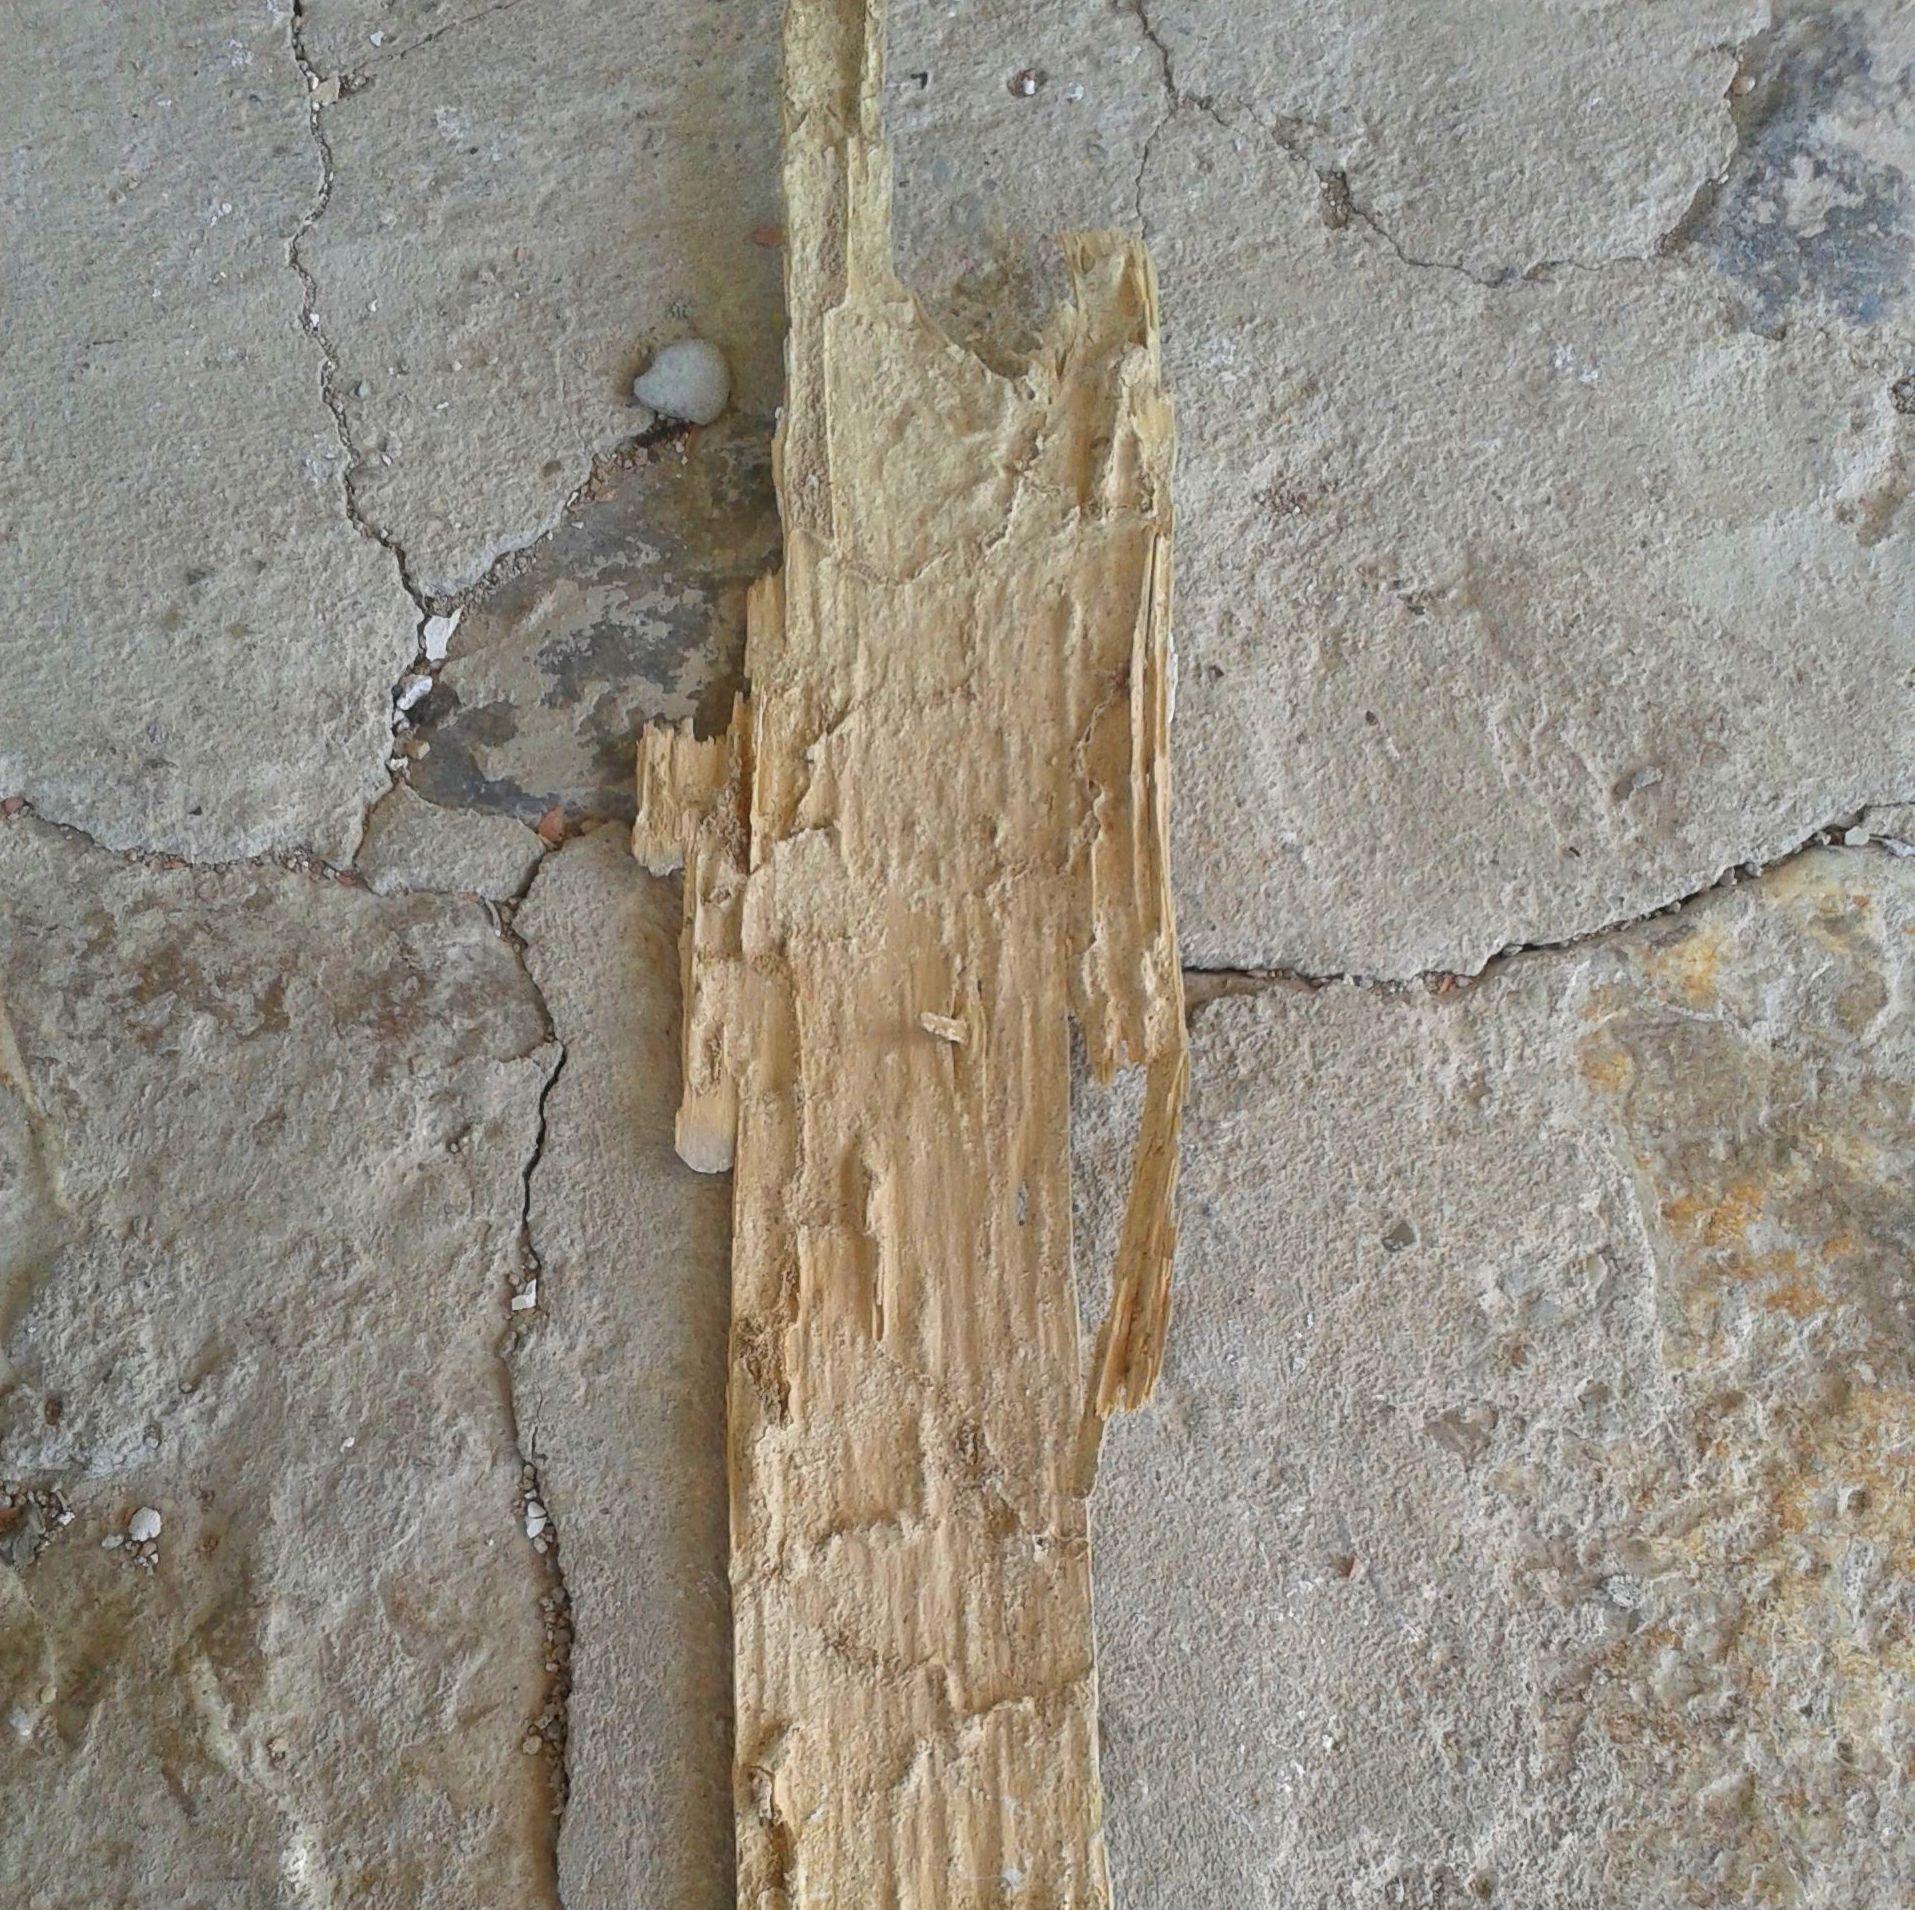 Resto de viga de madera deborada por las termitas